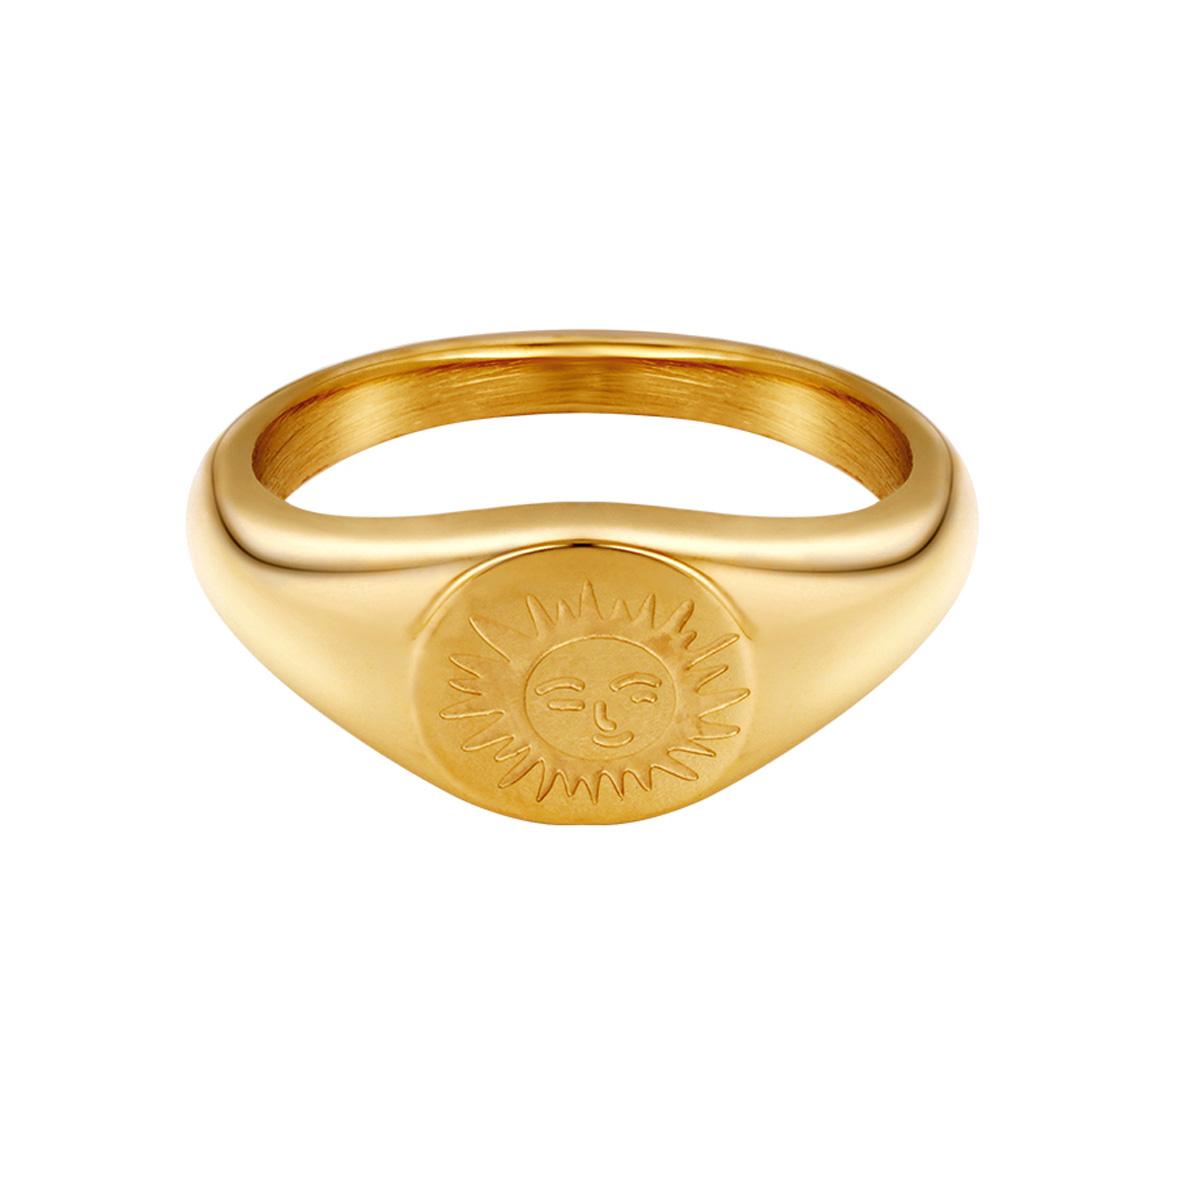 Ring zonnekind • met zon